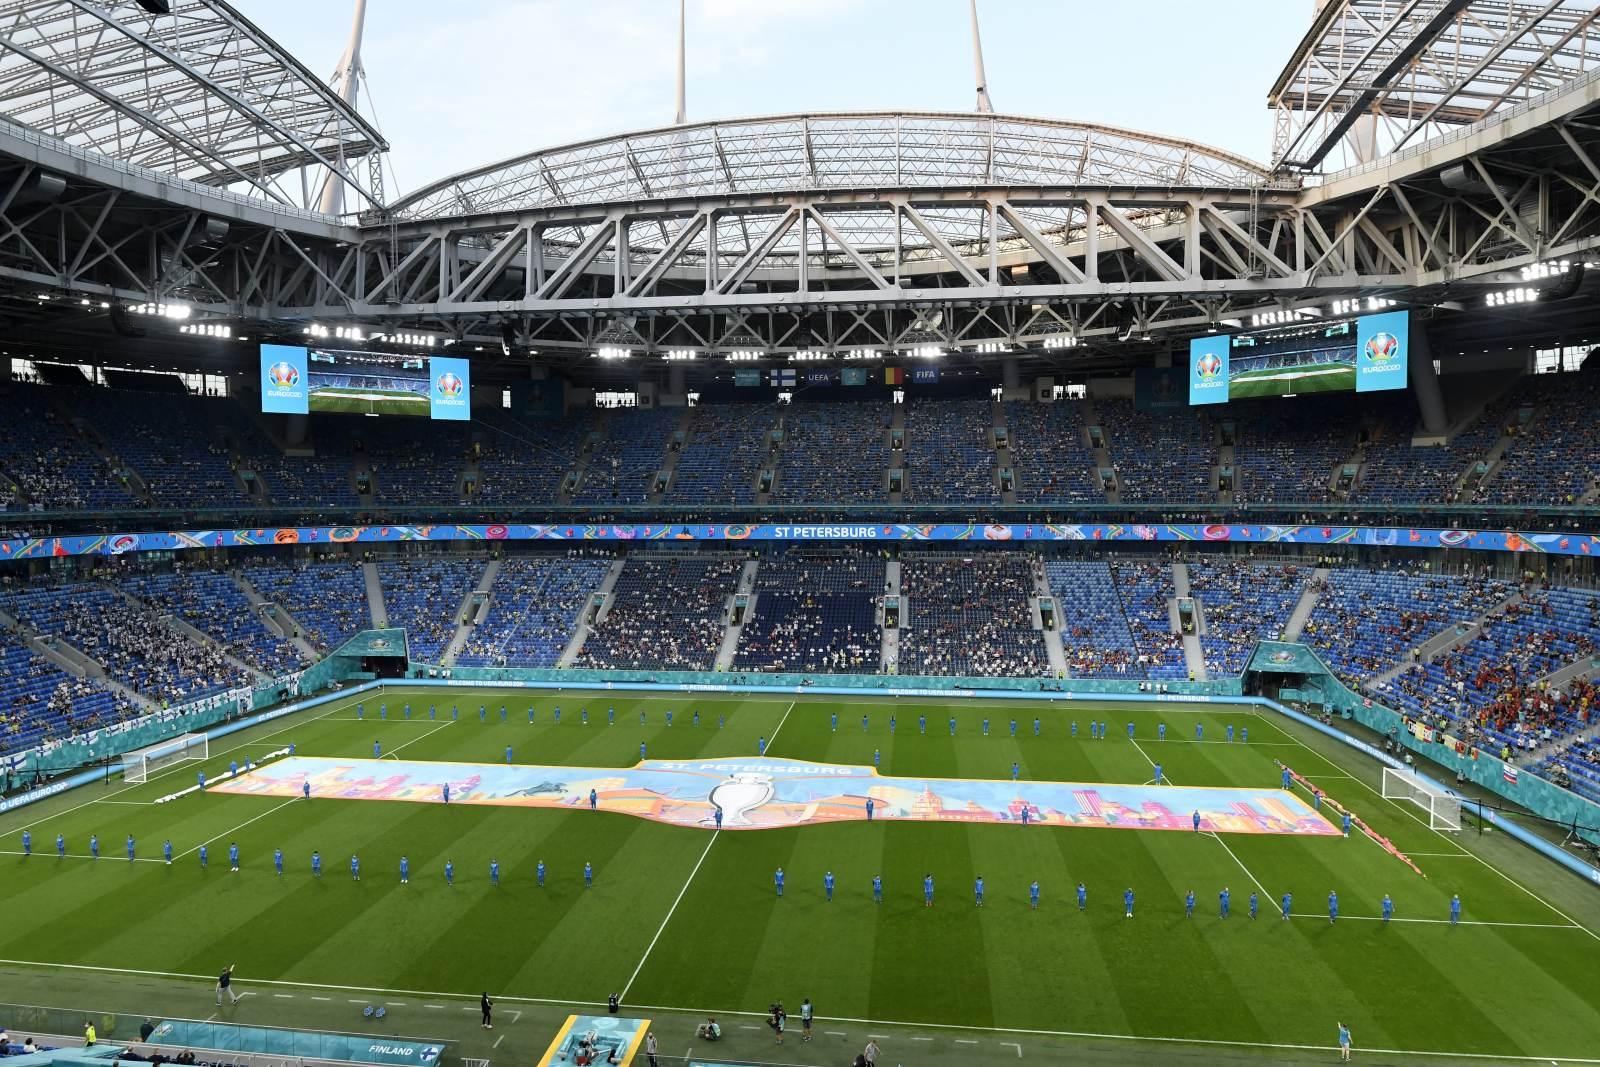 «Невероятное достижение»: В УЕФА поздравили Санкт-Петербург с проведением семи игр Евро-2020